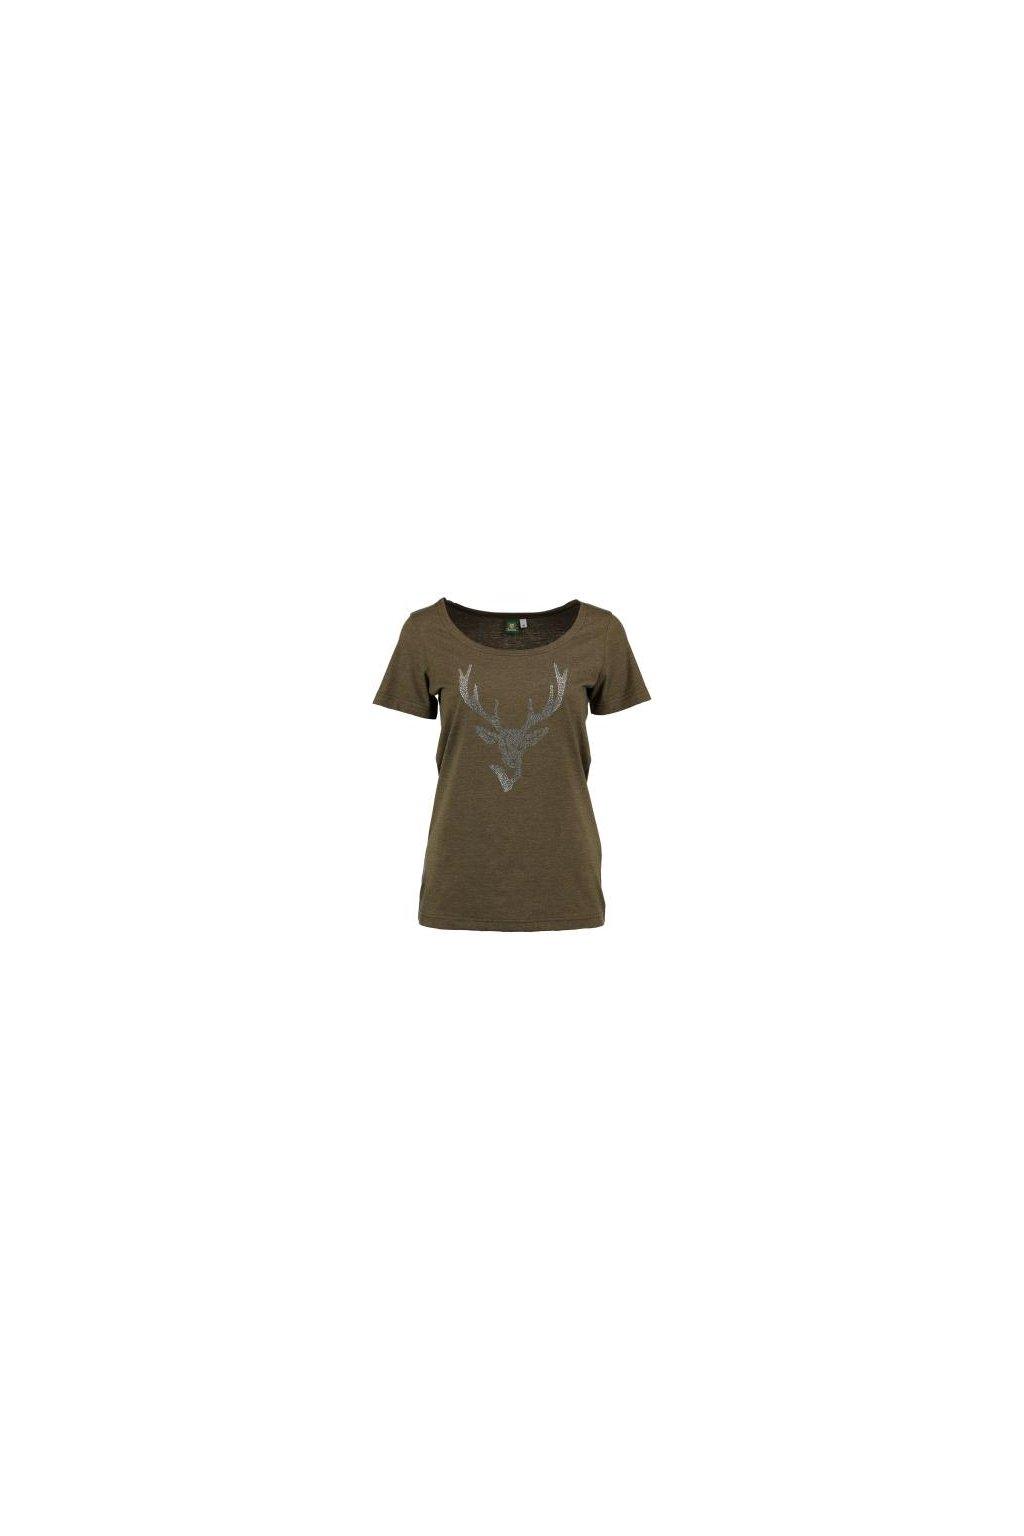 ORBIS - tričko dámské oliv flitry (3460)